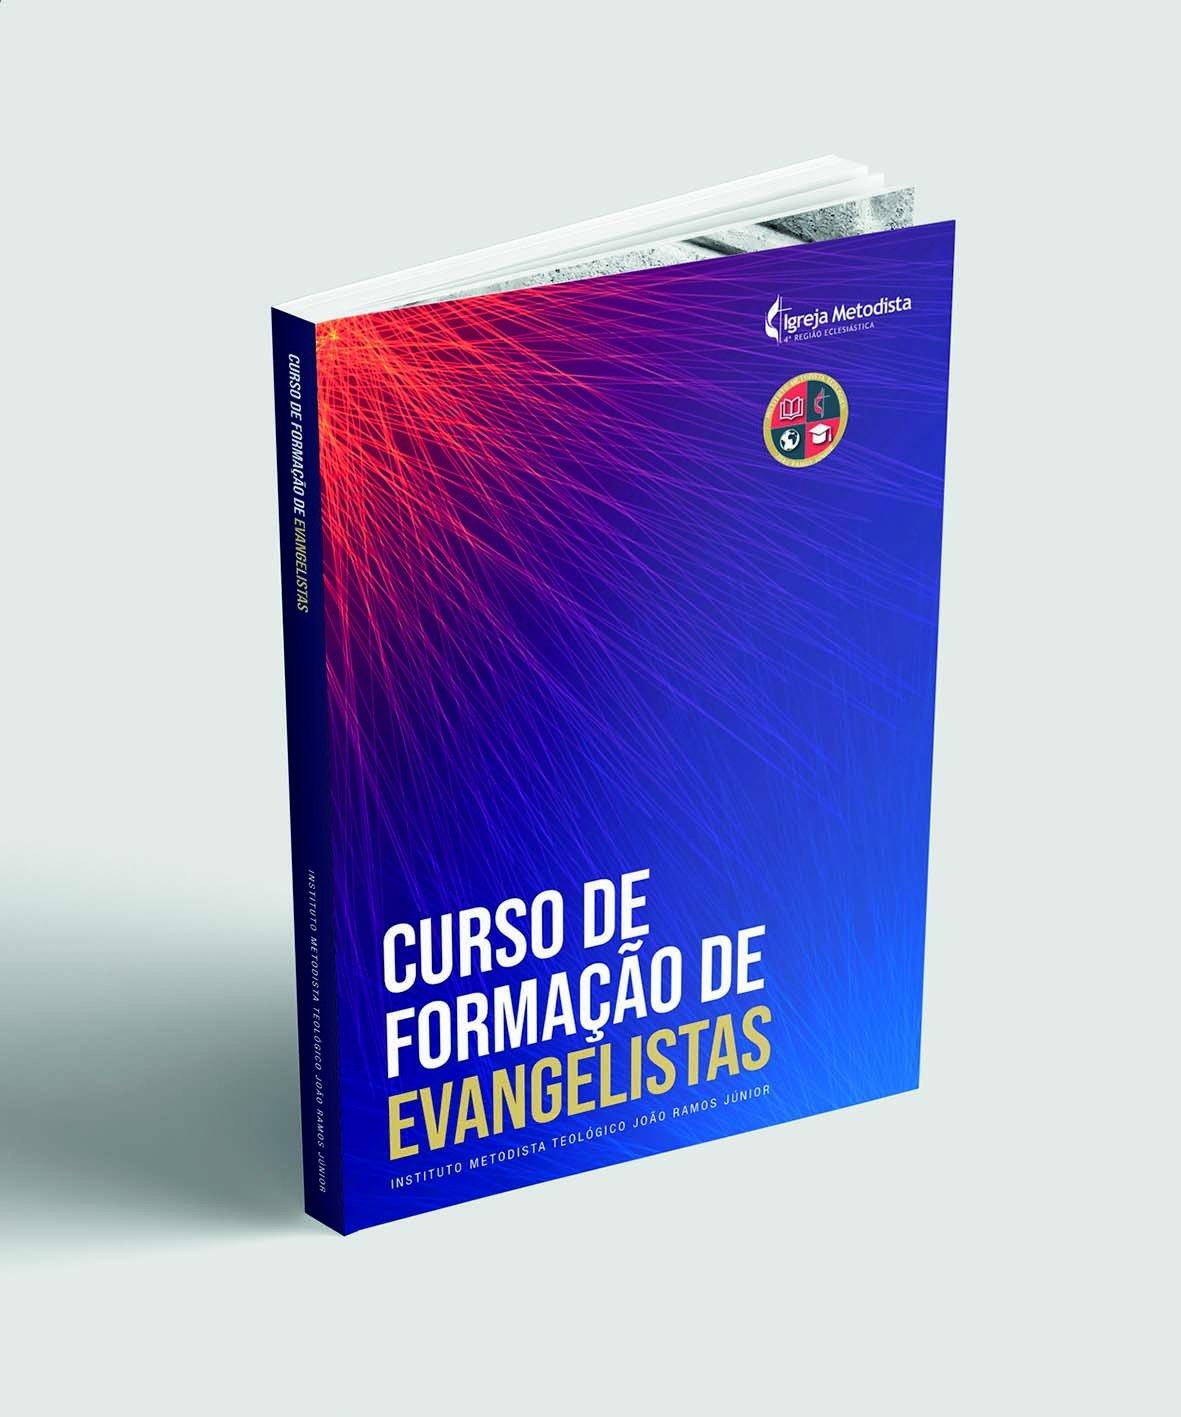 Instituto metodista oferece curso para formação de evangelistas